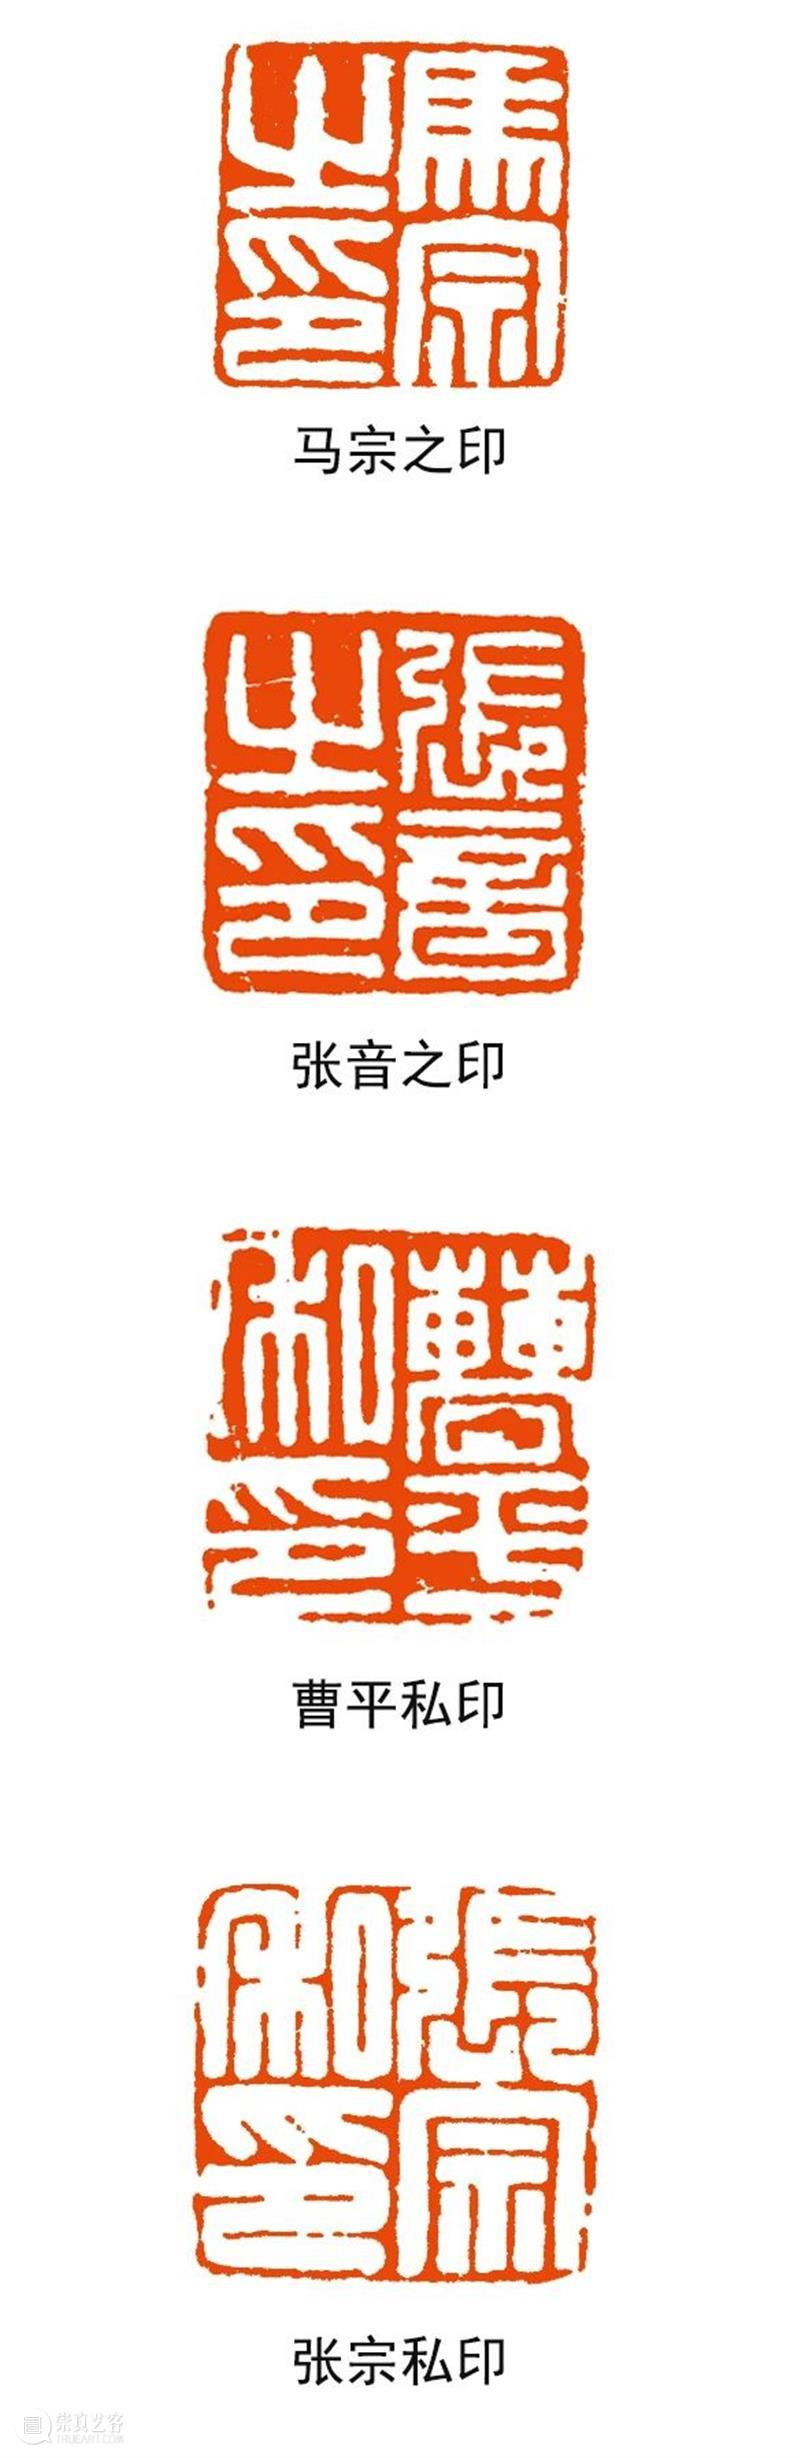 【篆刻讲堂】汉印形式的习作(一) 讲堂 汉印 形式 中国 文化史 时代 军事 经济 农业 手工业 崇真艺客